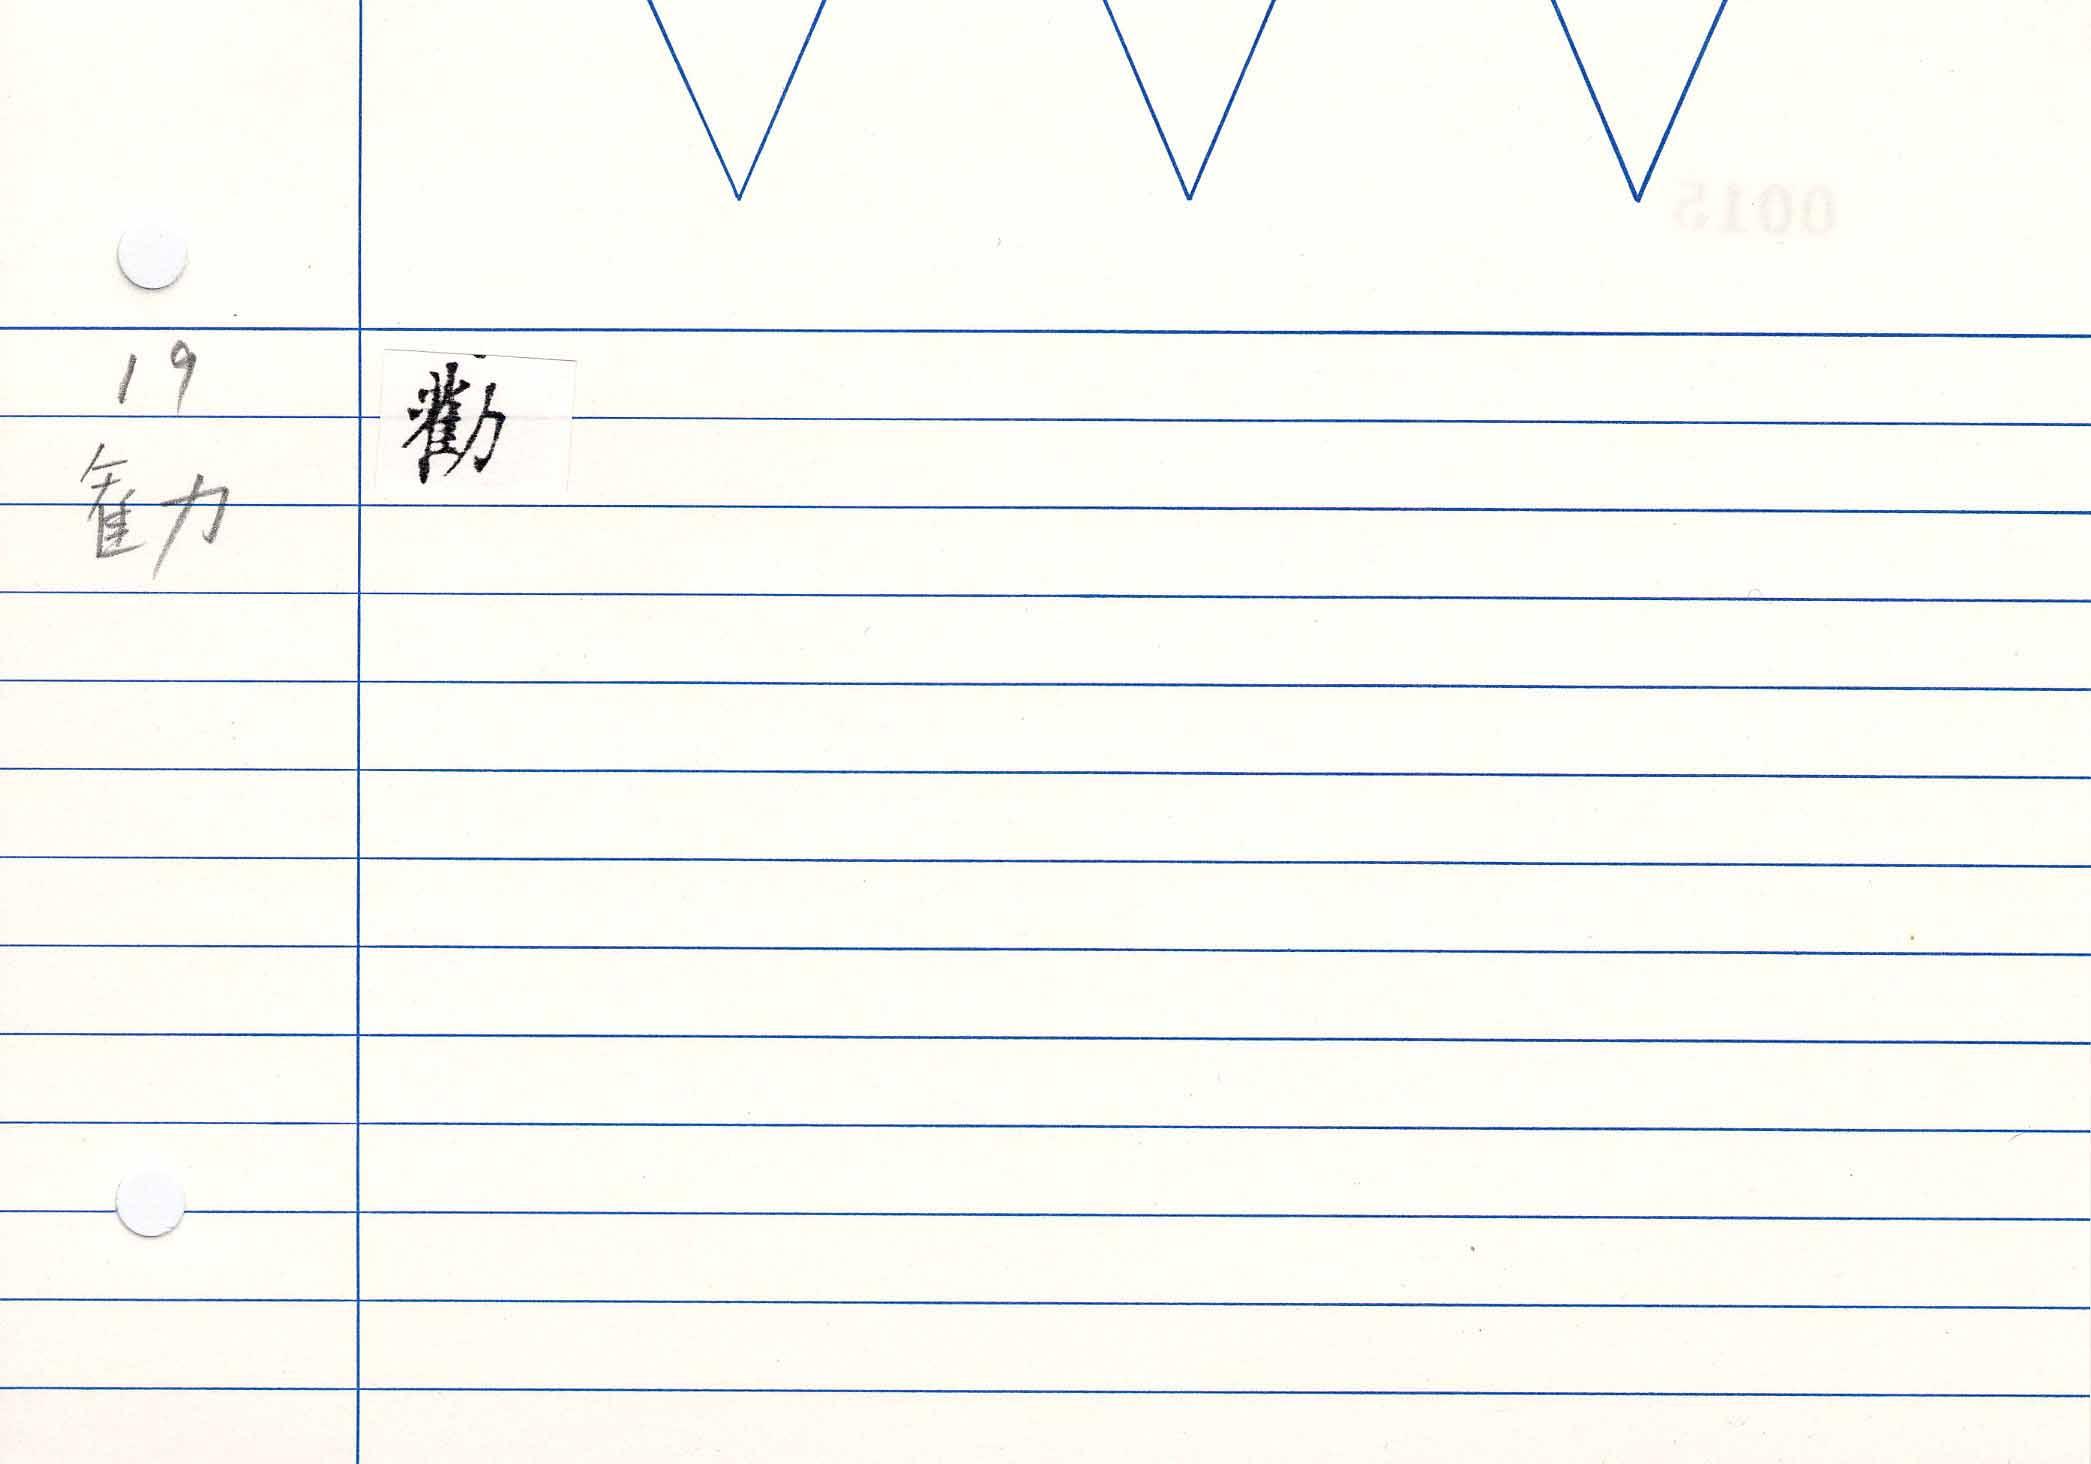 13_妙法蓮華經卷八(S.2577)/cards/0015.jpg